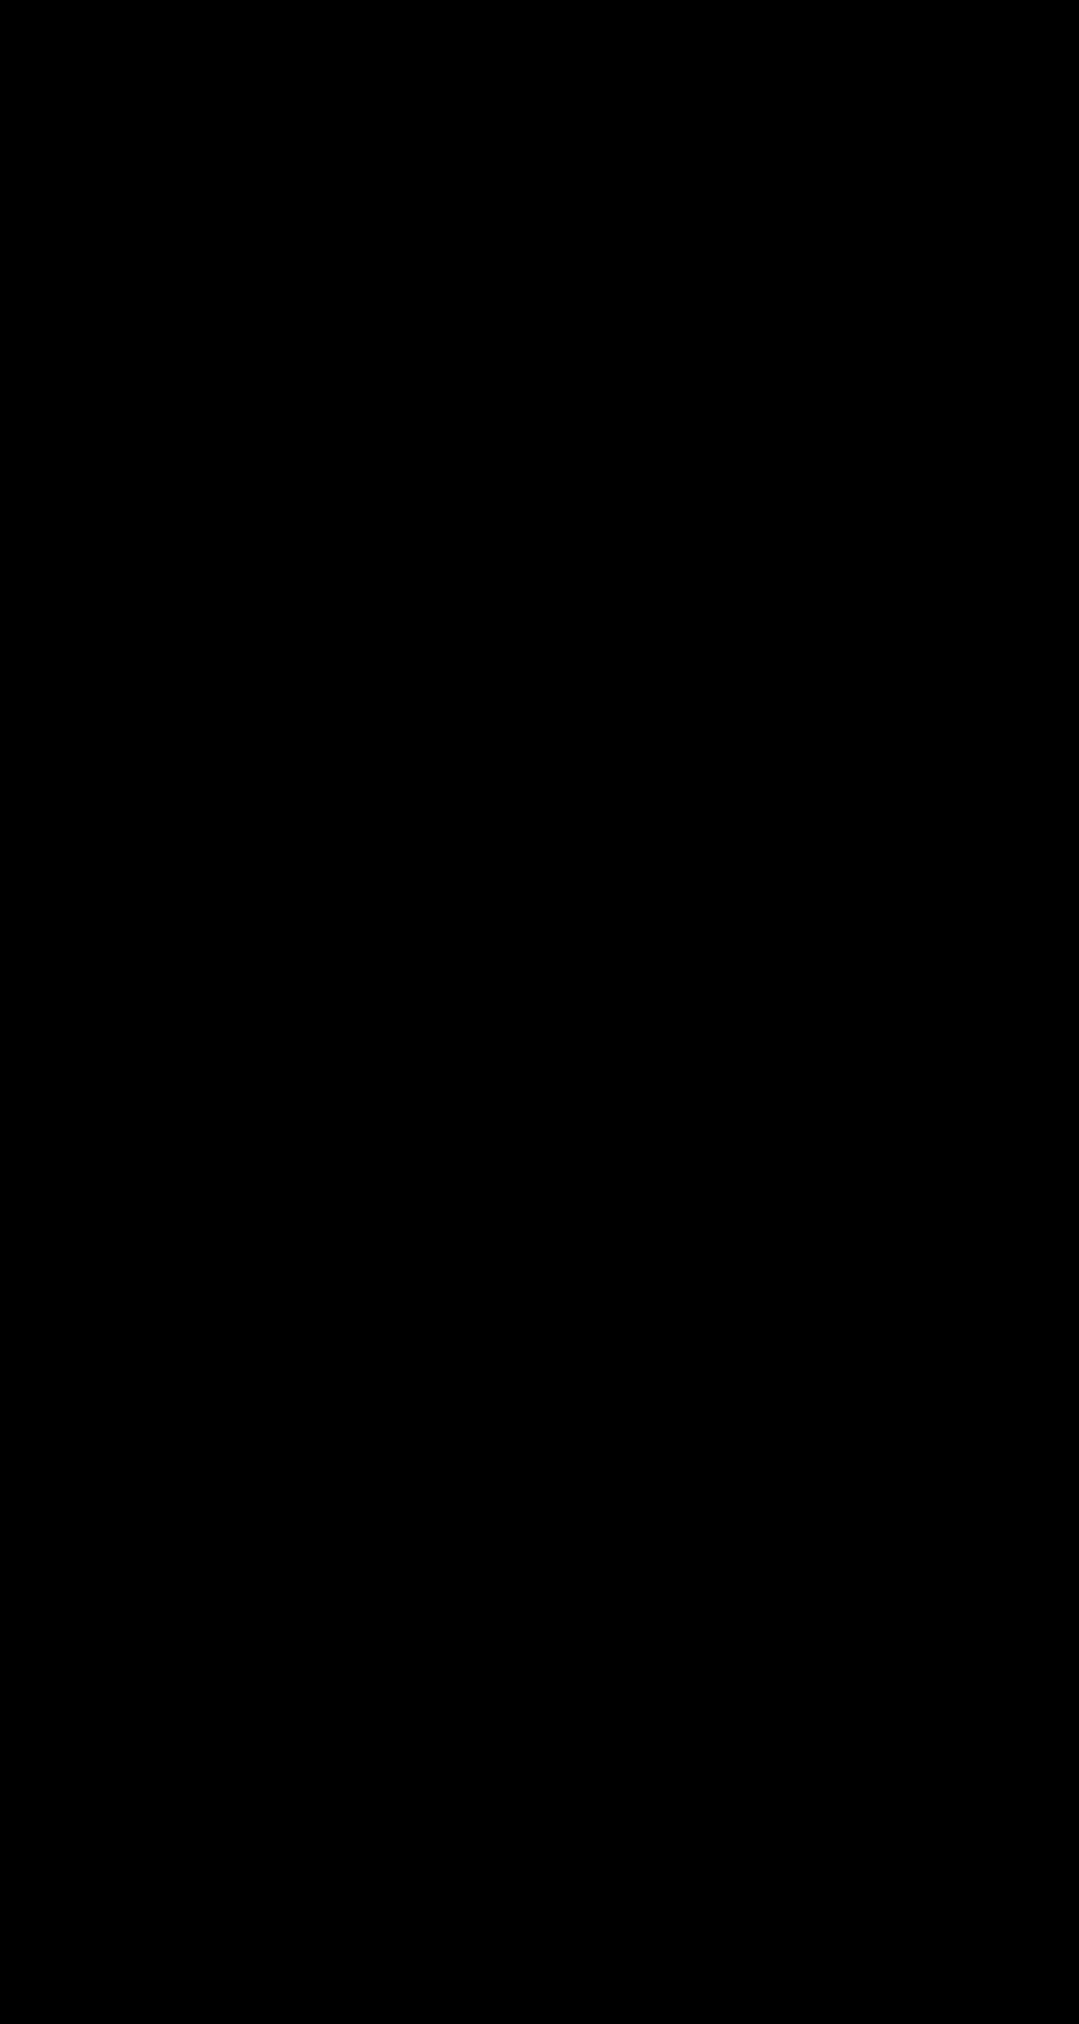 Кабельный барабан с полимагнетическим зацеплением